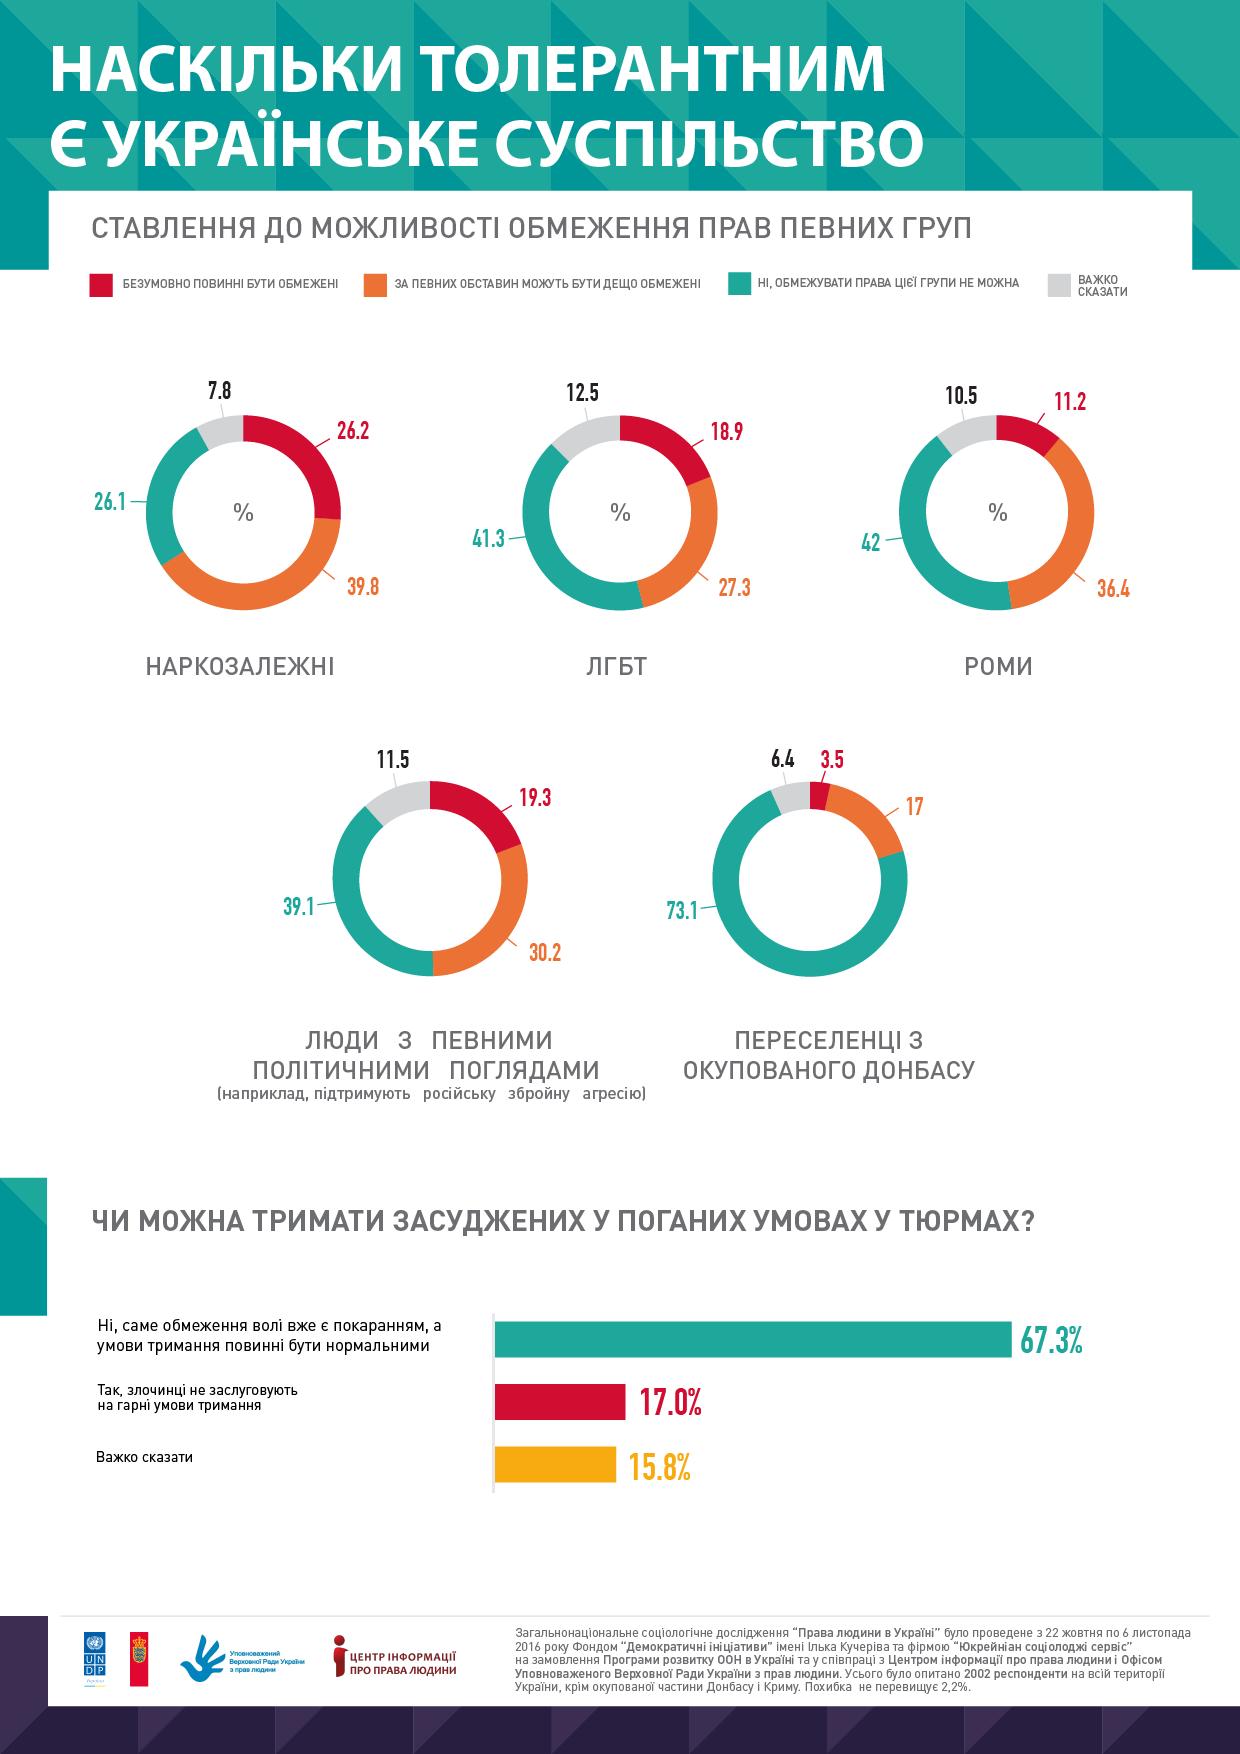 Почти половина украинцев поддерживают ограничения сексменьшинств / dif.org.ua